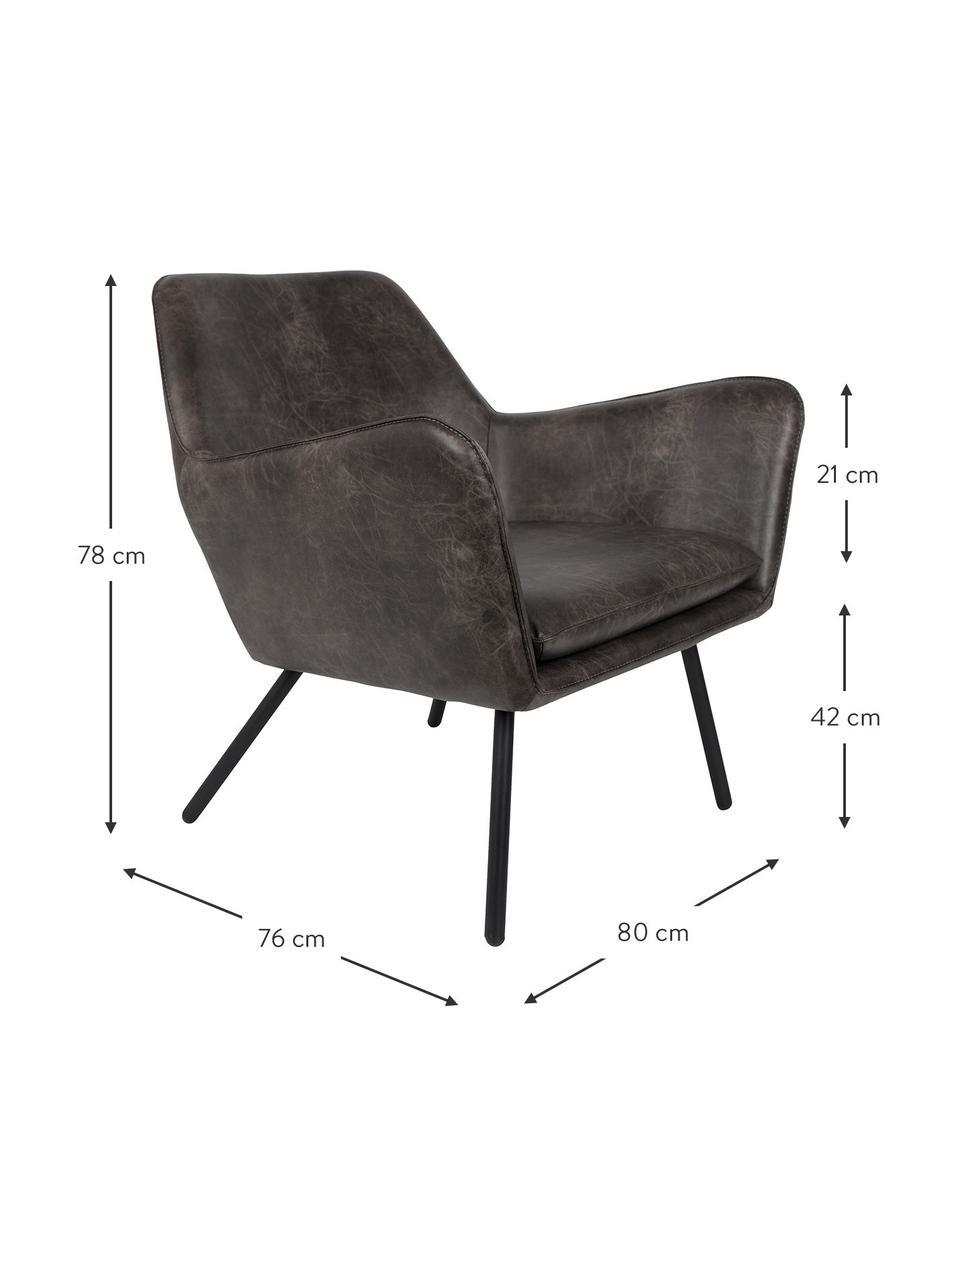 Fotel wypoczynkowy ze sztucznej skóry w stylu industrial Bon, Tapicerka: sztuczna skóra (64% poliu, Nogi: metal lakierowany, Sztuczna skóra, ciemny szary, S 80 x G 76 cm